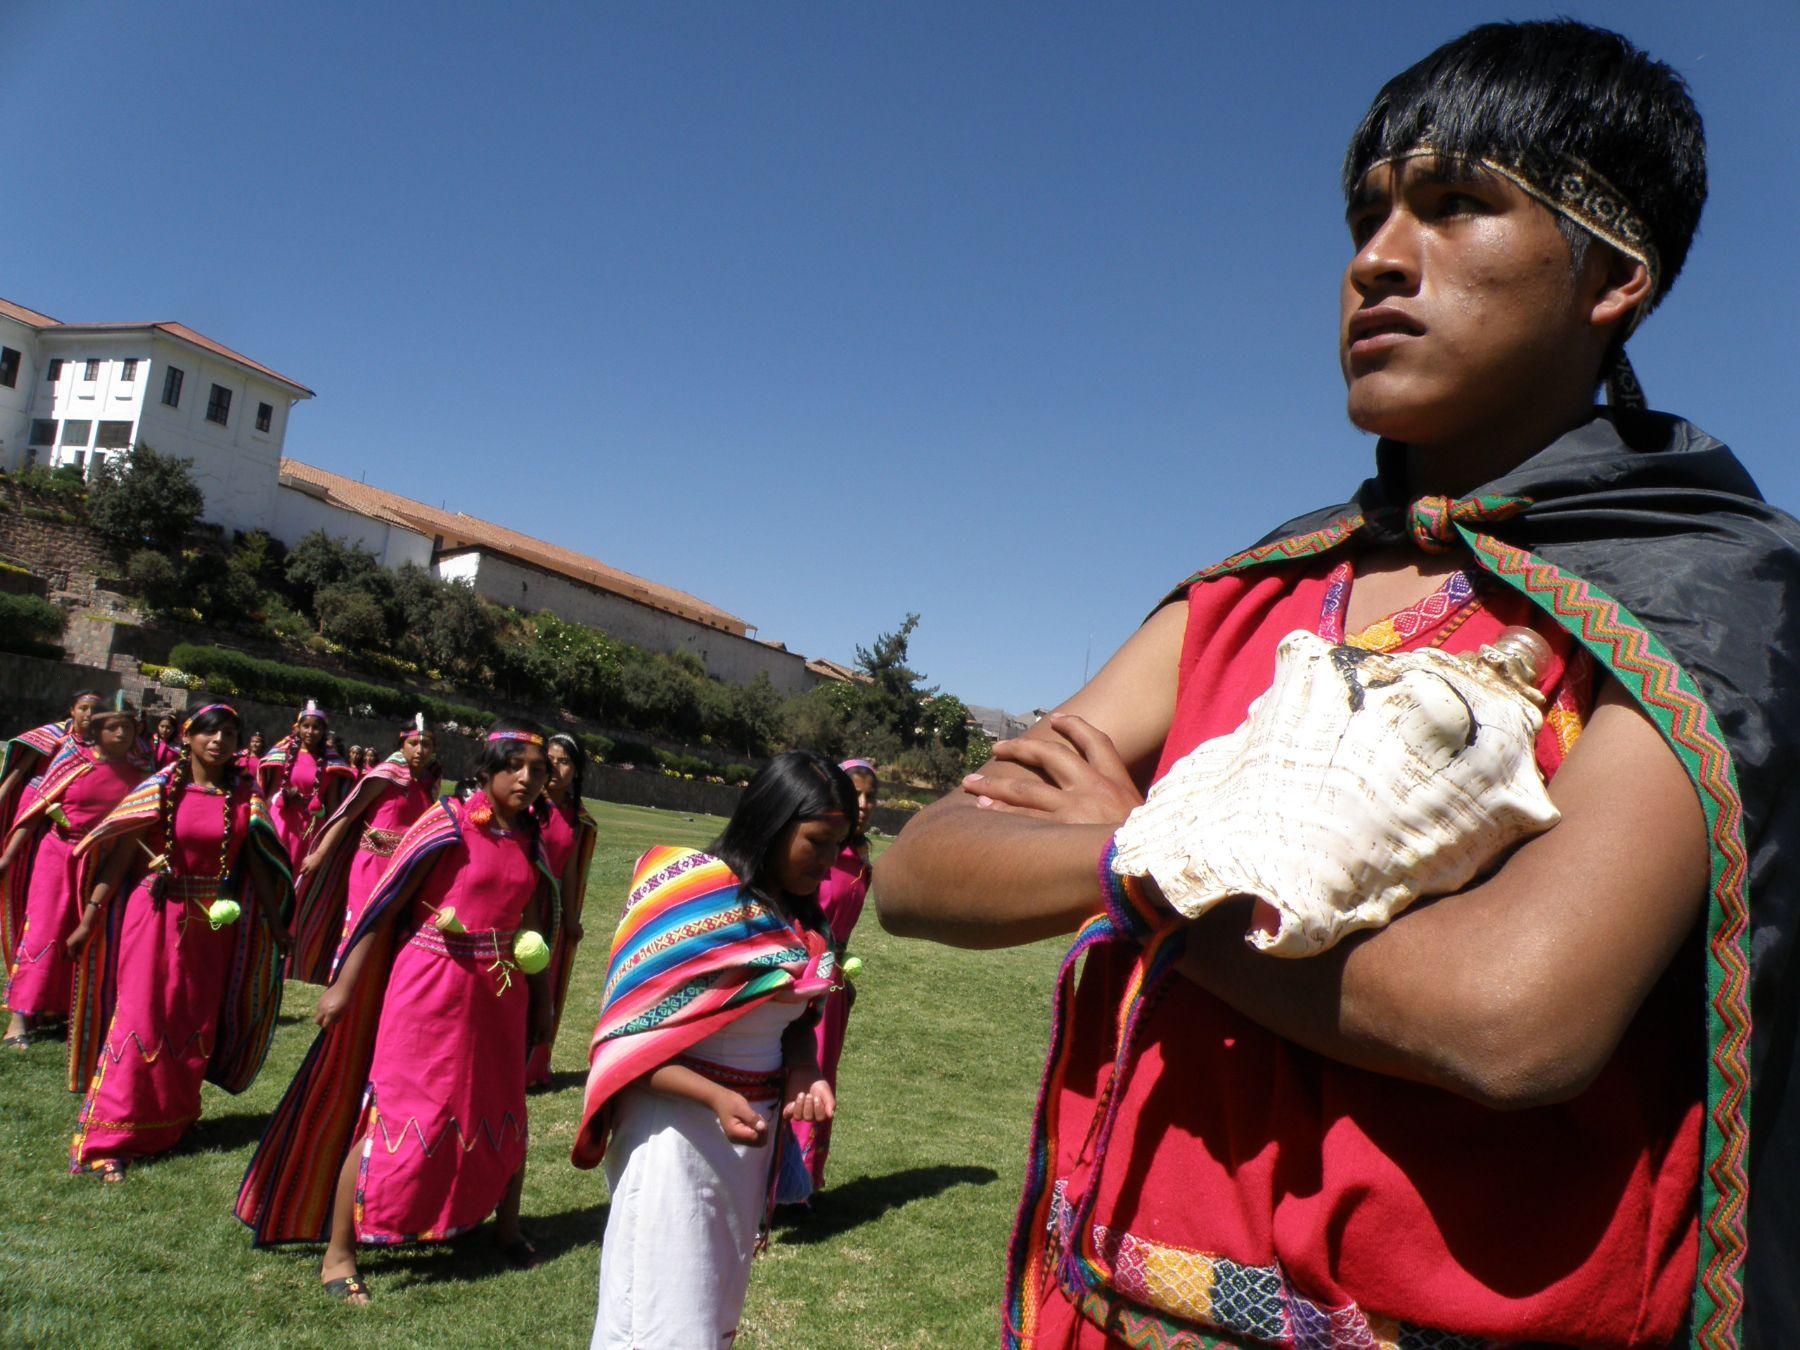 Escenificación de la fundación de la ciudad de Cusco. Foto: ANDINA / Percy Hurtado.